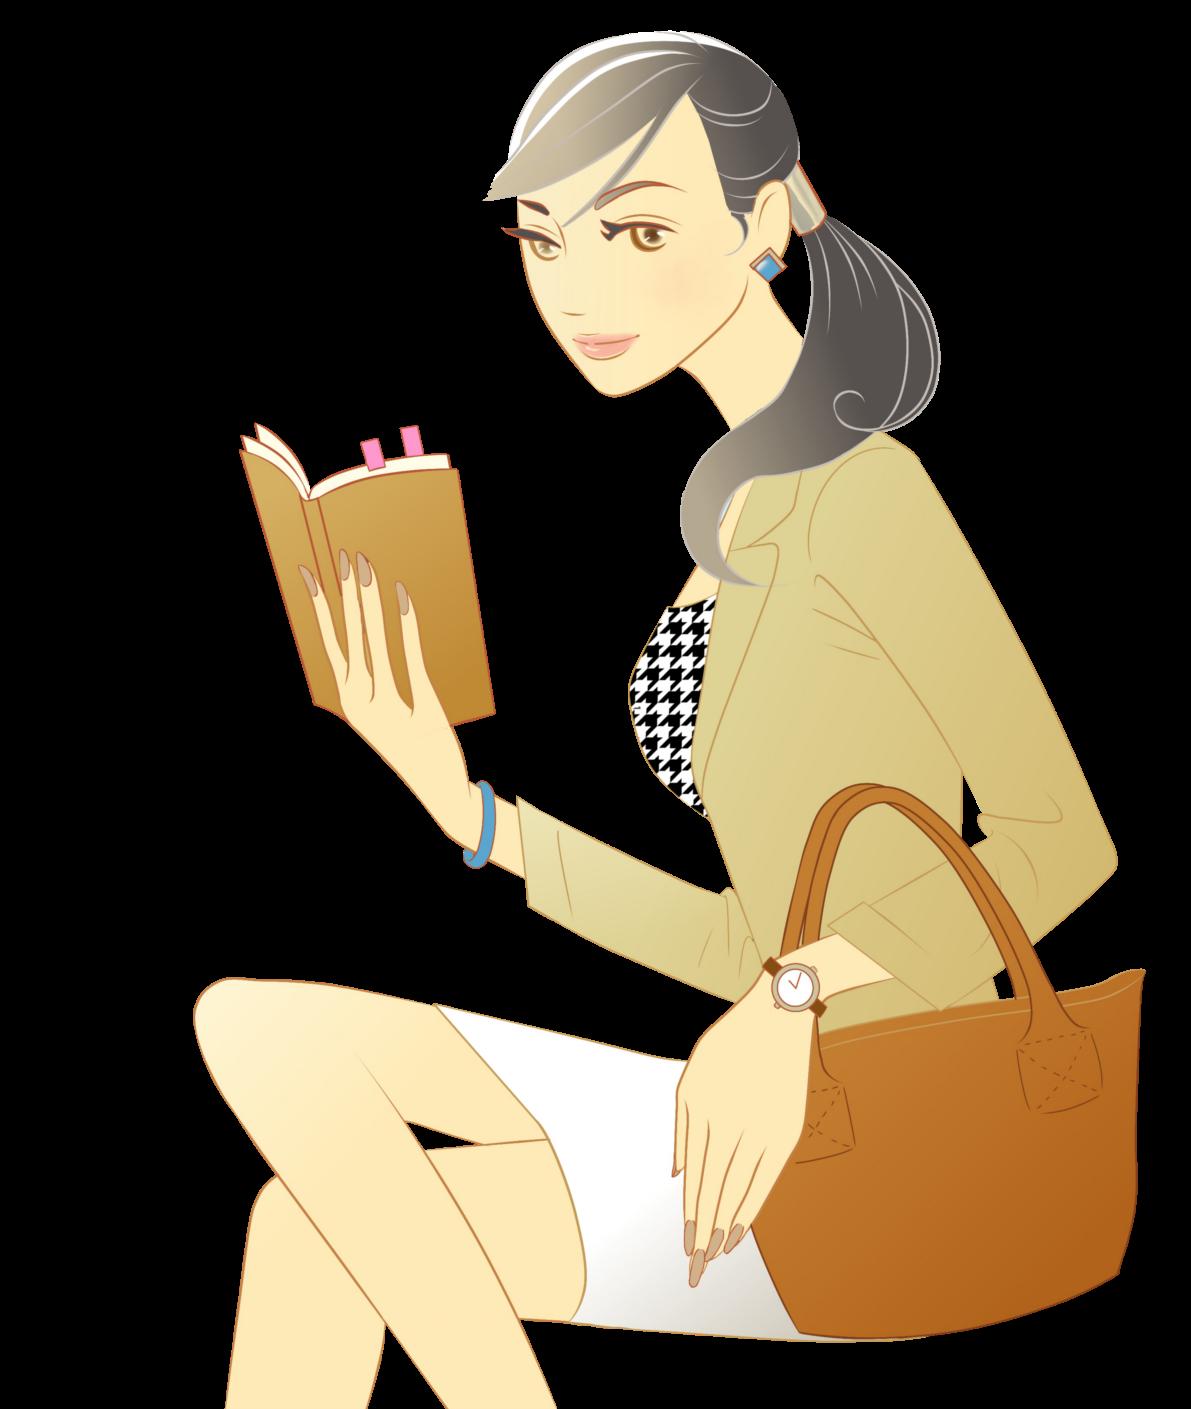 イラストボックス - ビジネスウーマン/働く女性のイラスト無料素材